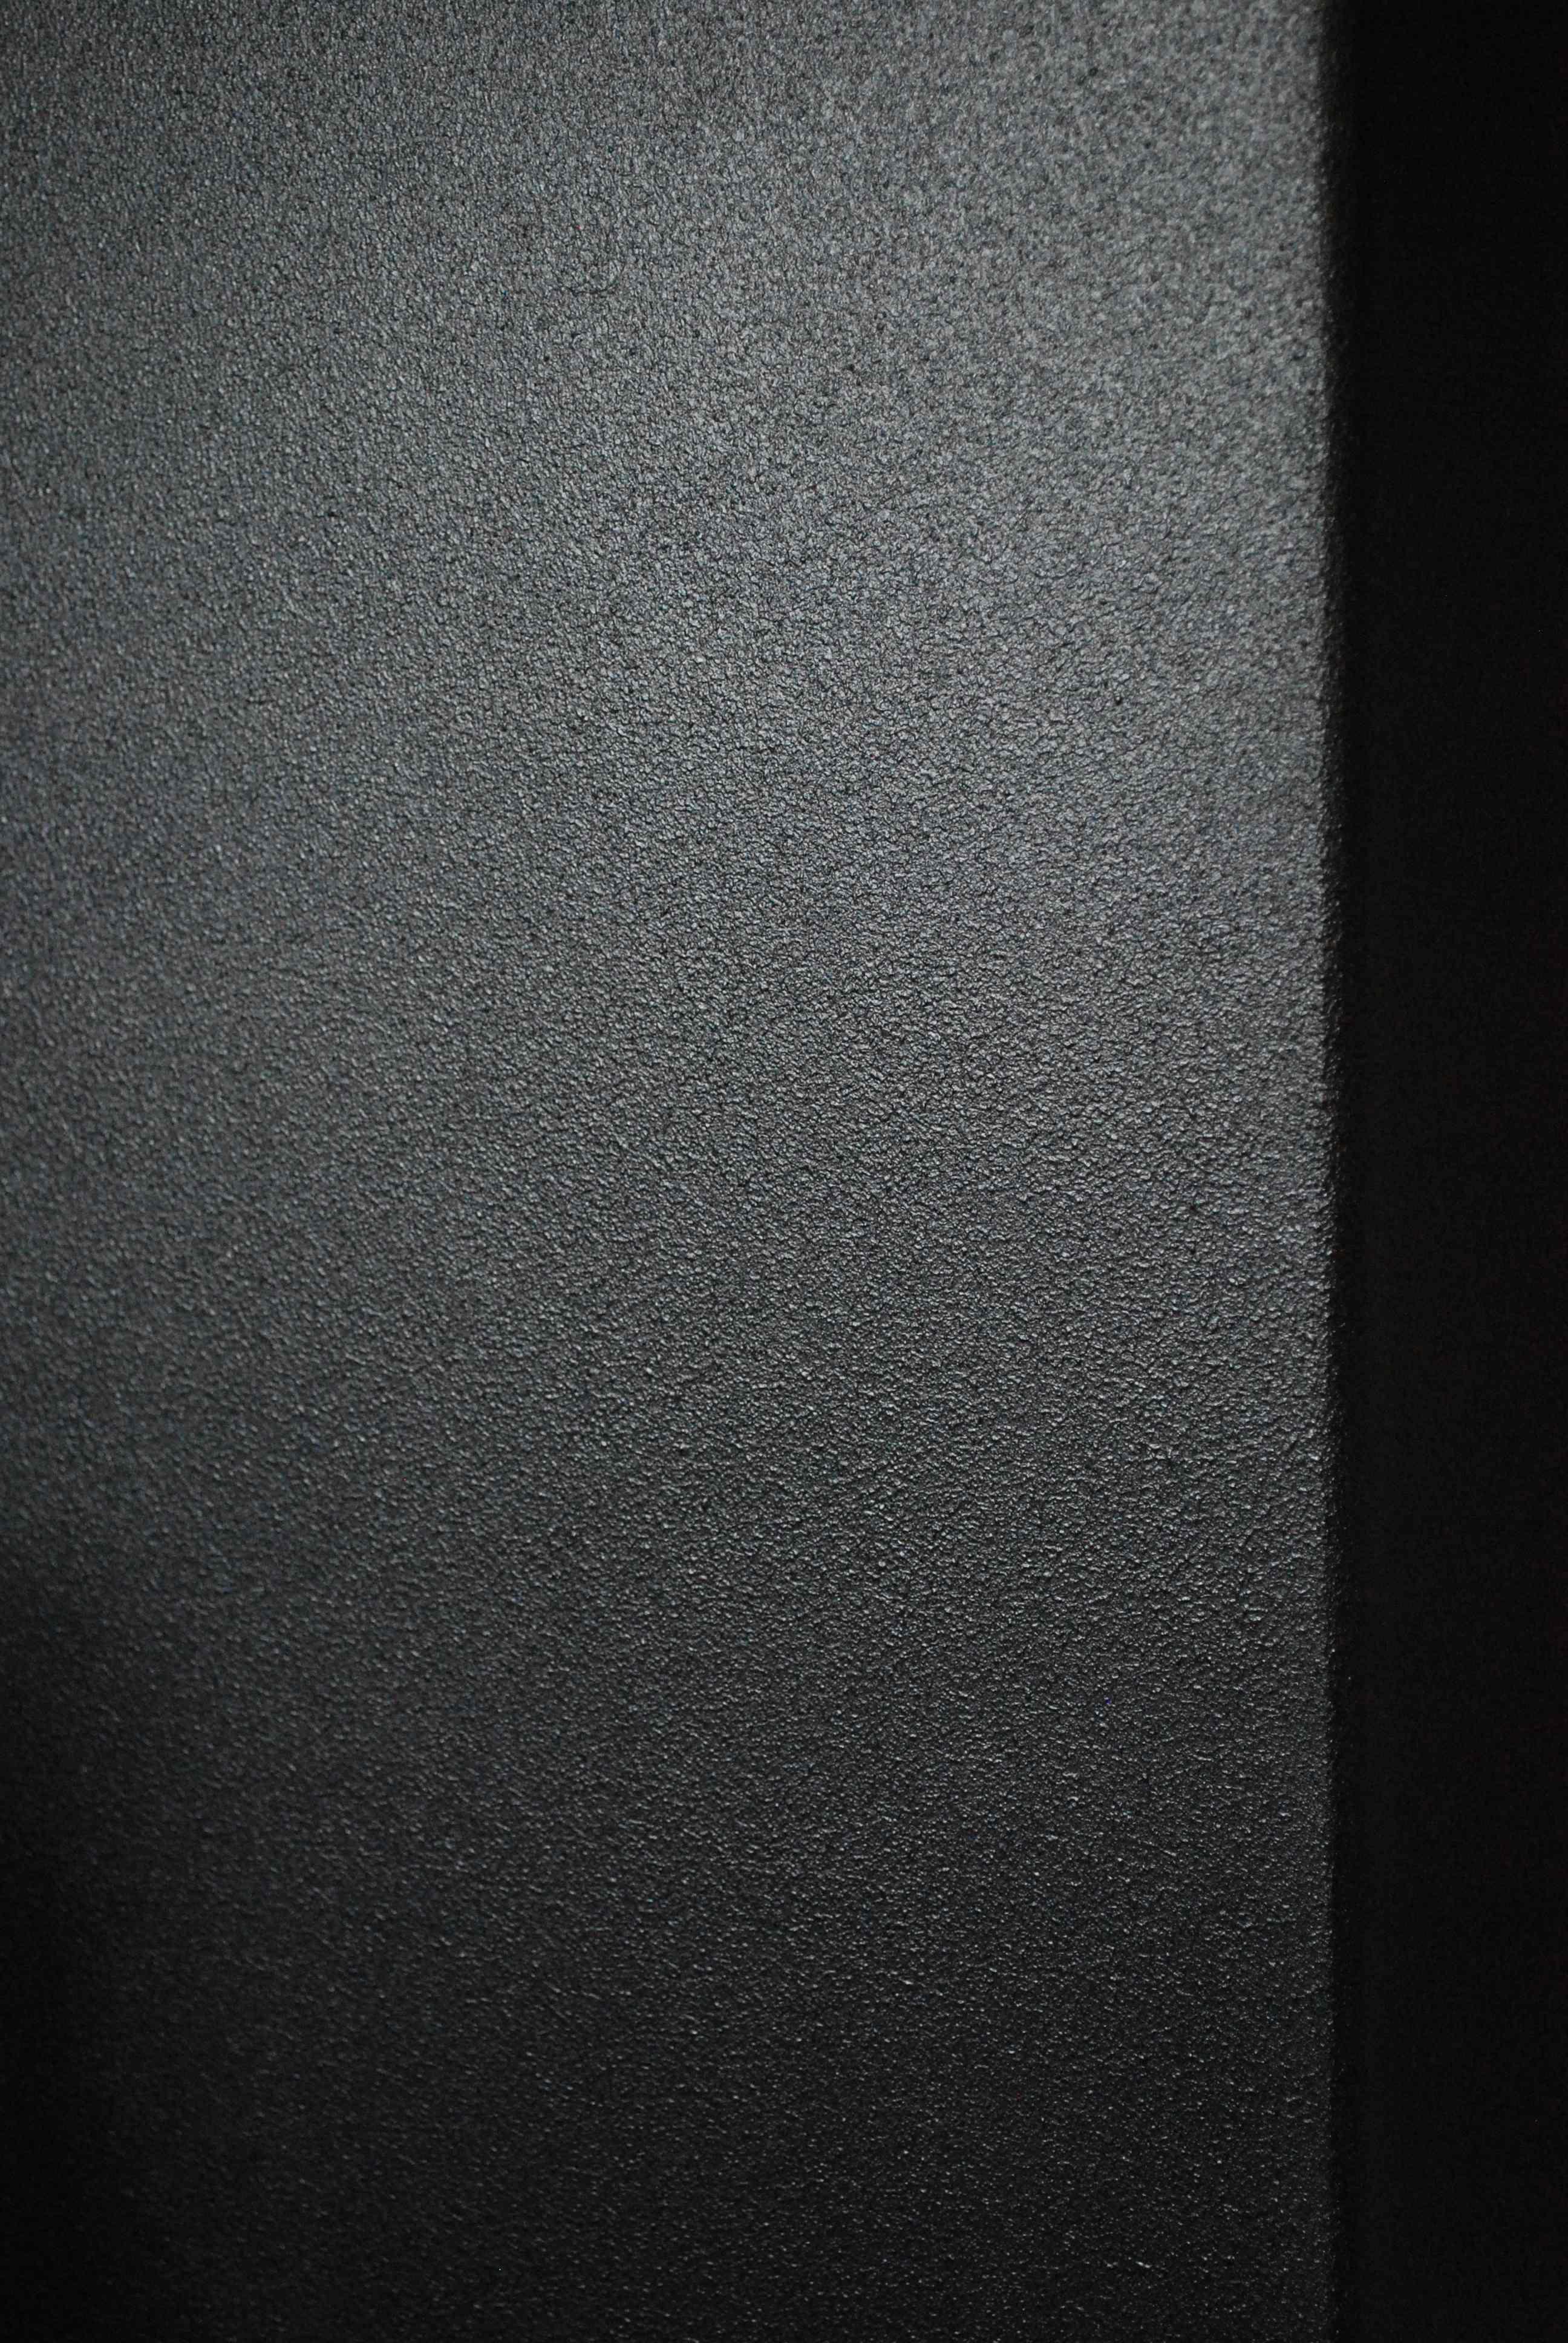 Almost flat ( low sheen ) black paint ?? - Techtalk Speaker